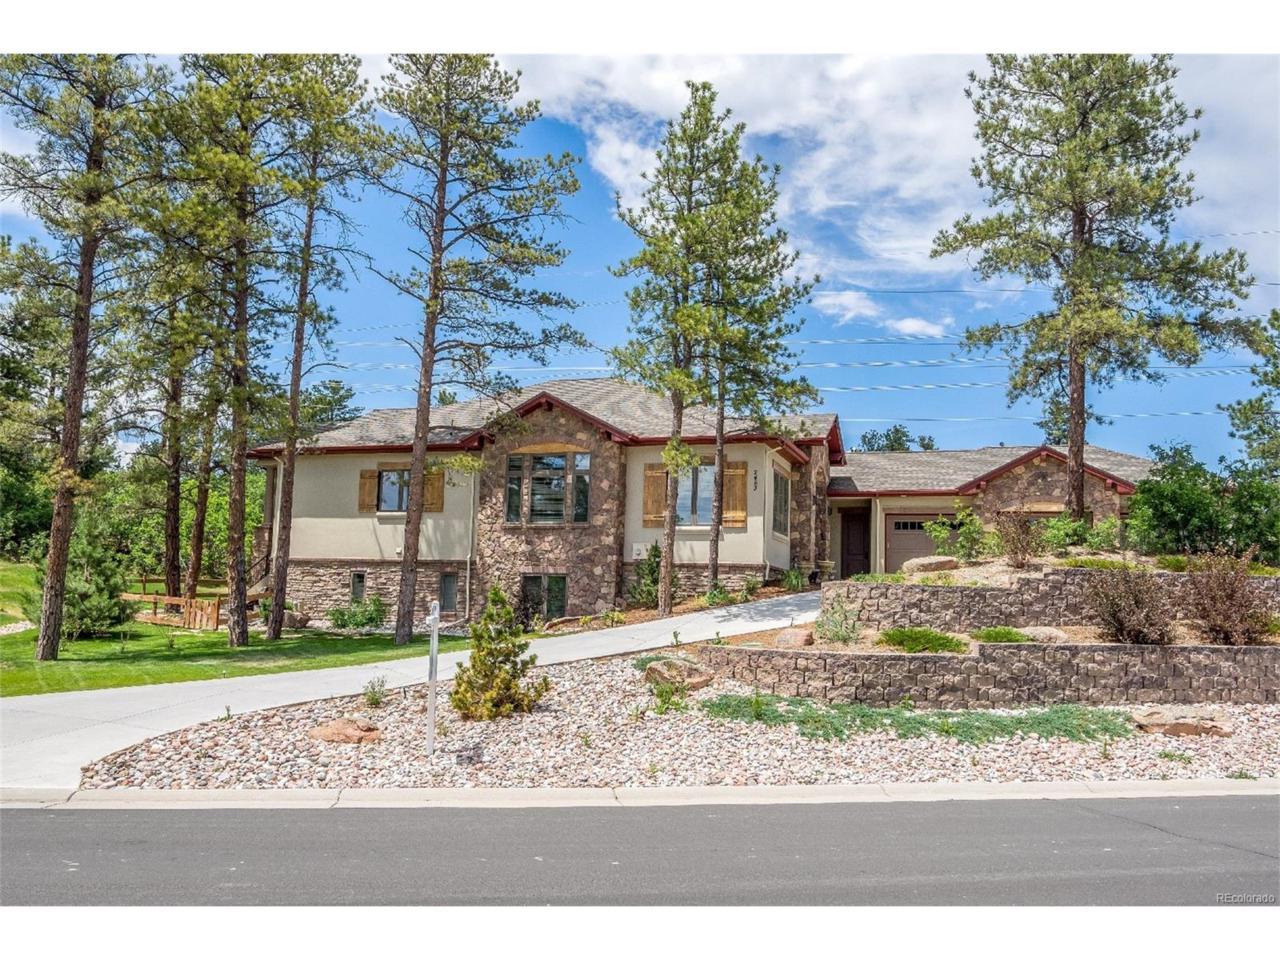 2483 Saddleback Drive, Castle Rock, CO 80104 (MLS #6162298) :: 8z Real Estate